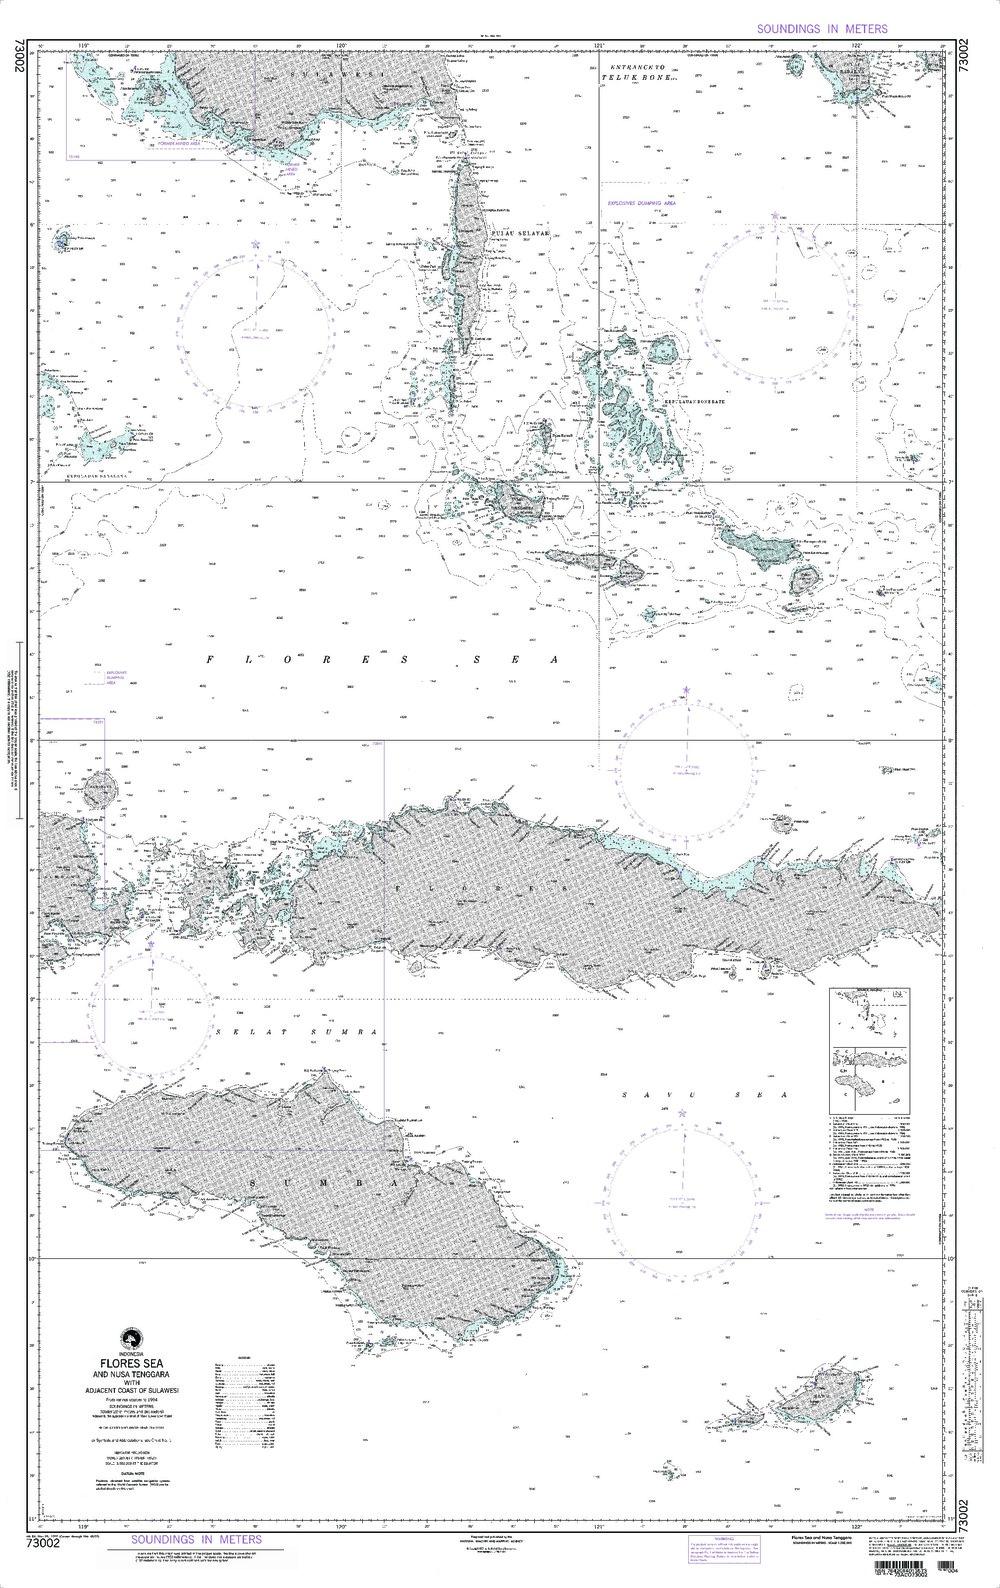 NGA Charts: Region 7 - South East Asia, Indonesia, New Guinea, Australia, NGA Chart 73002: Flores Sea [and Nusa Tenggara] Indonesia